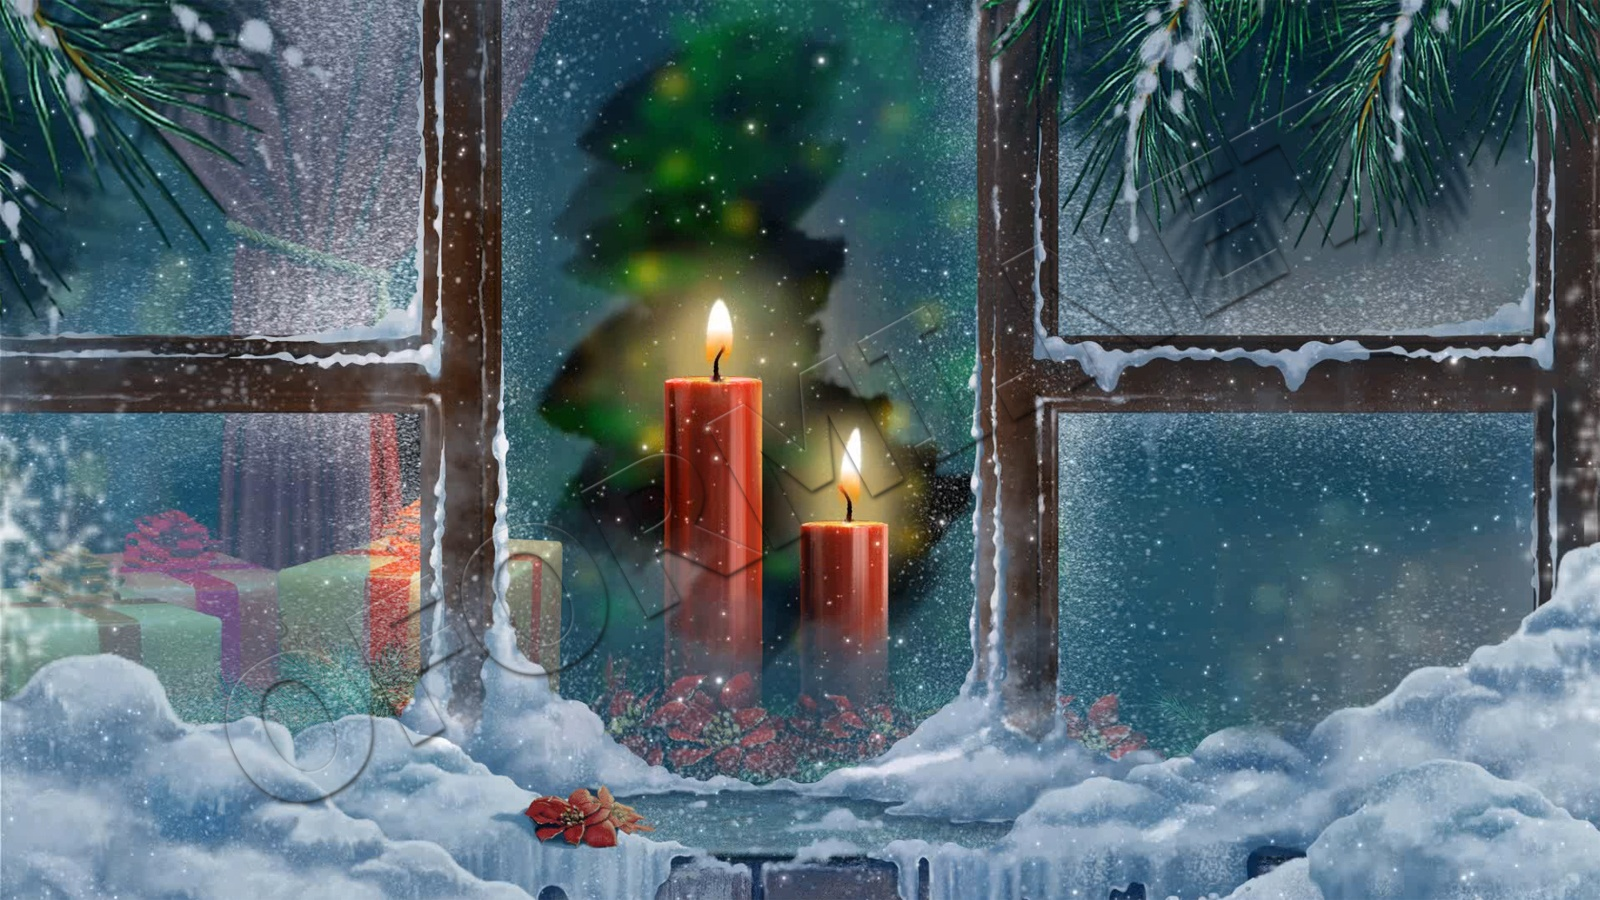 обои на рабочий стол 1920х1080 зима новый год рождество виндовс 7 оплатить кредит по номеру договора почта банк